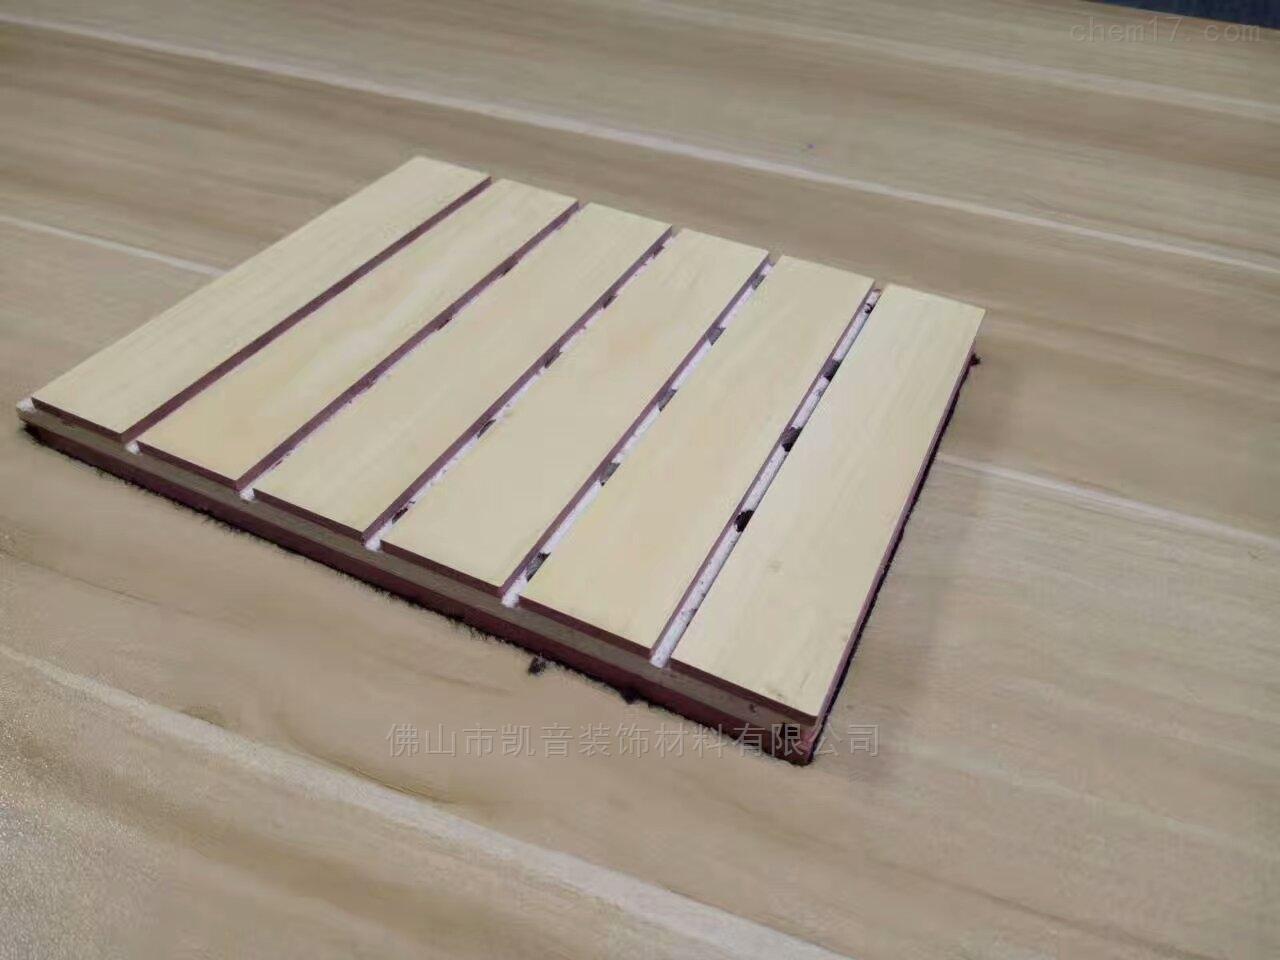 多层实木吸音板生产厂家